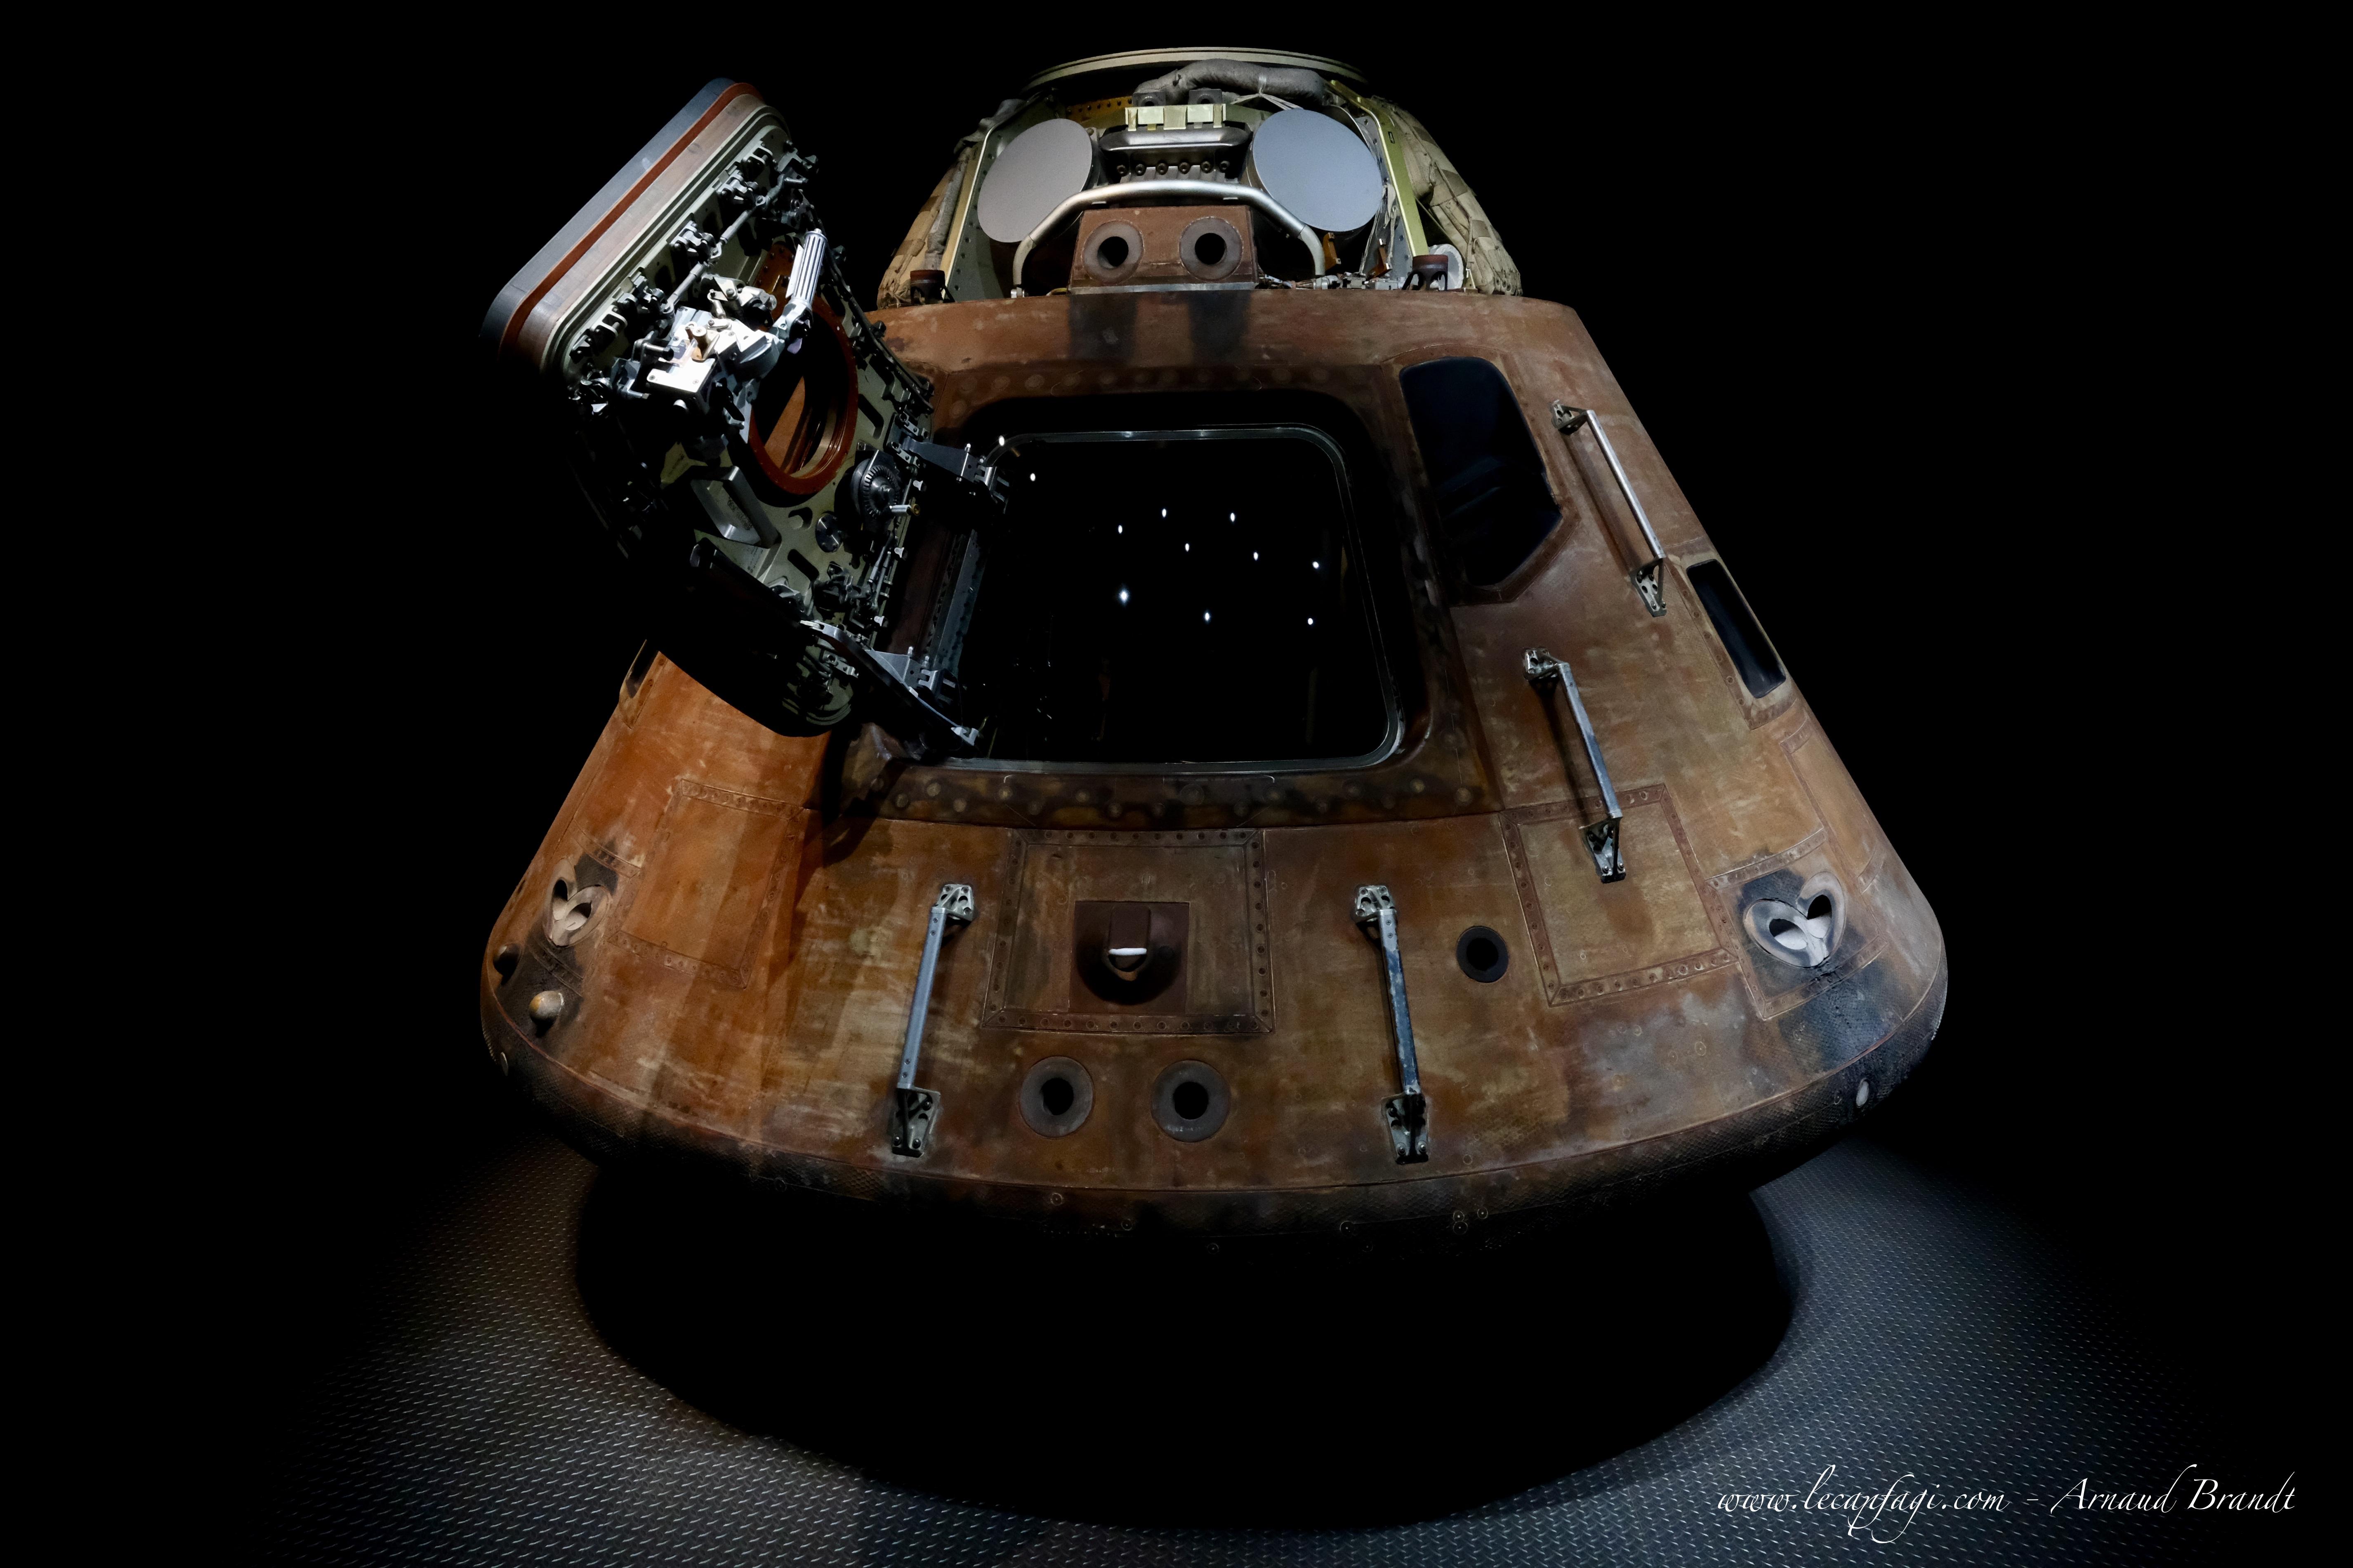 Kennedy Space C. - Apollo 14